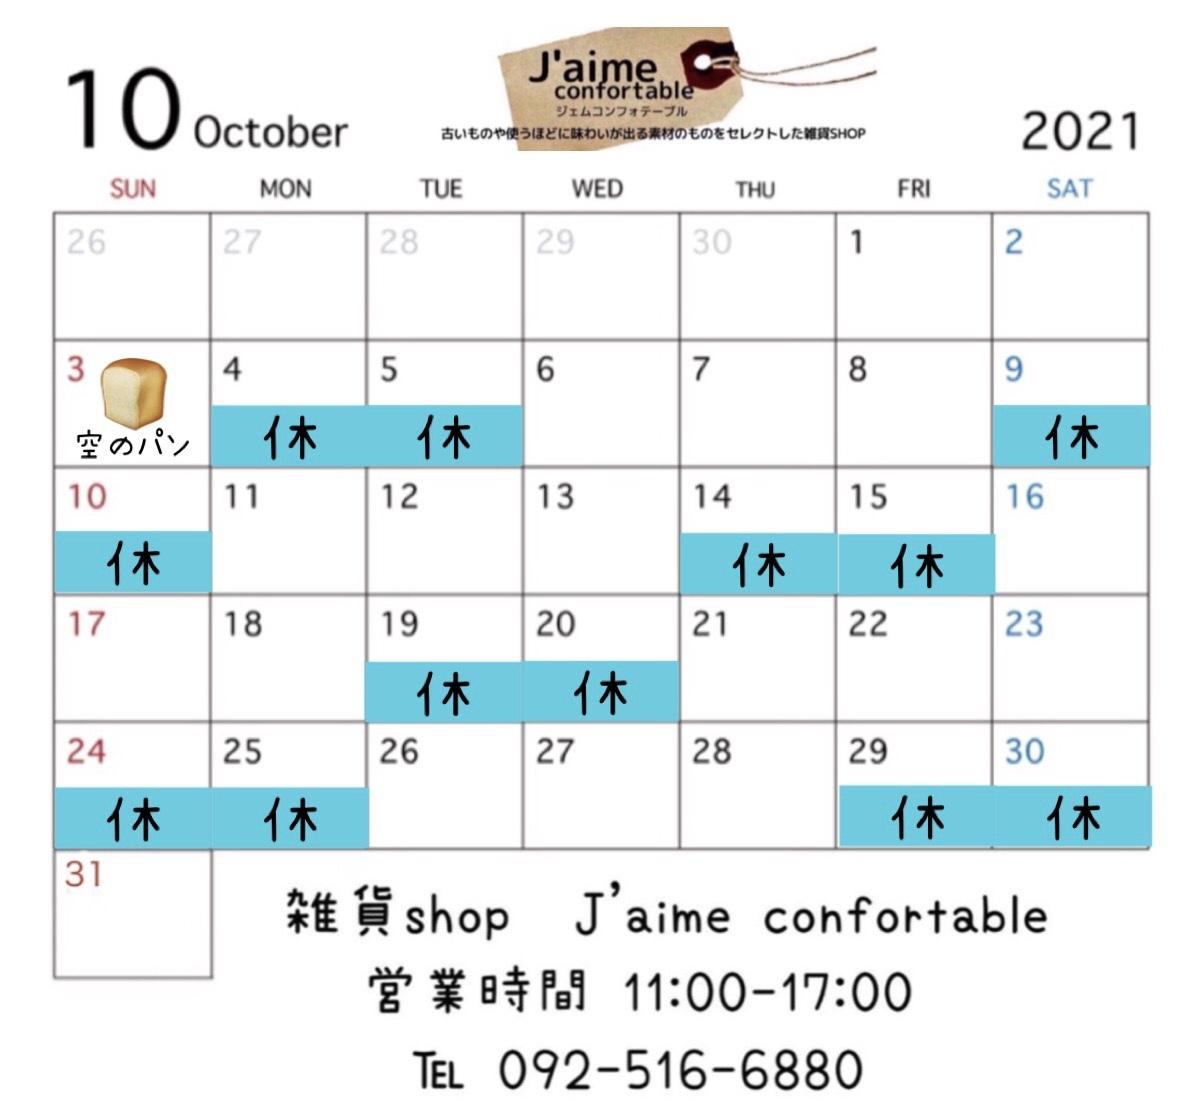 【2021】10月の営業日_f0103304_13211474.jpeg